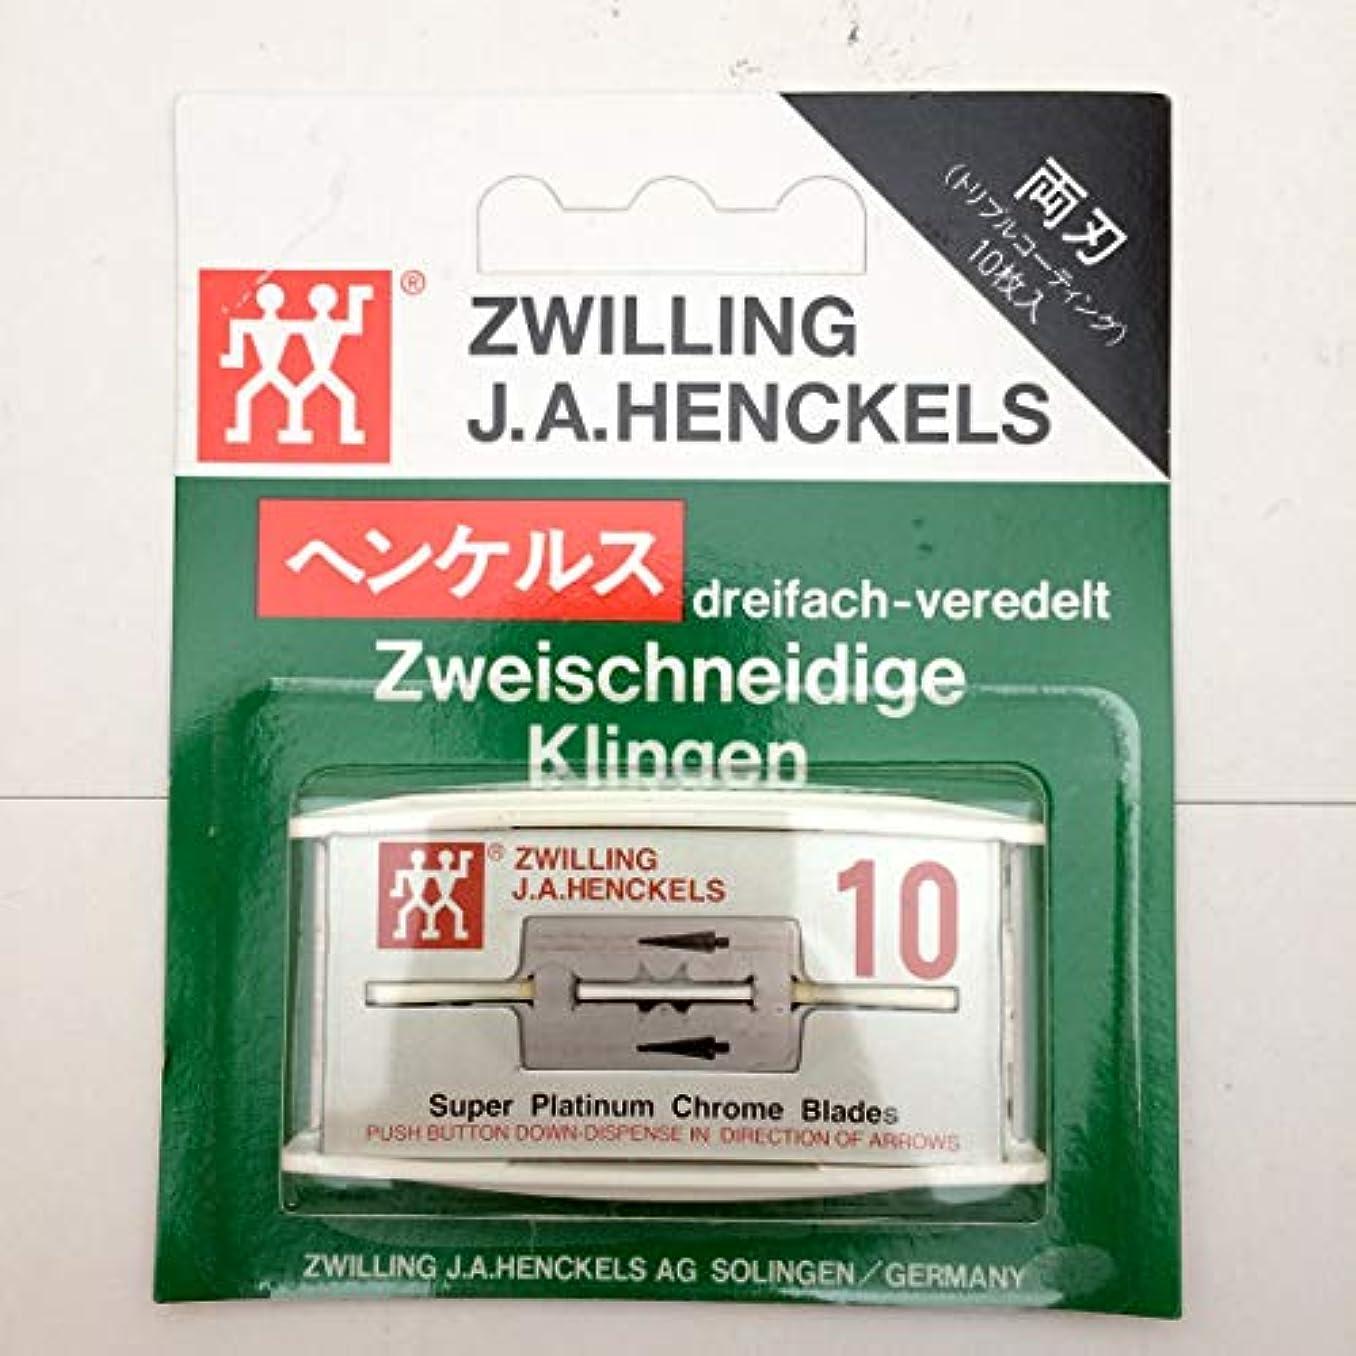 革新アルバムにはまって【ヴィンテージ品?数量限定】ツヴィリング J.A. ヘンケルス 両刃 カミソリ 剃刀 替刃 3層コート 10枚入 未開封新品 Vintage 10 Zwilling J.A. Henckels double edge razor...